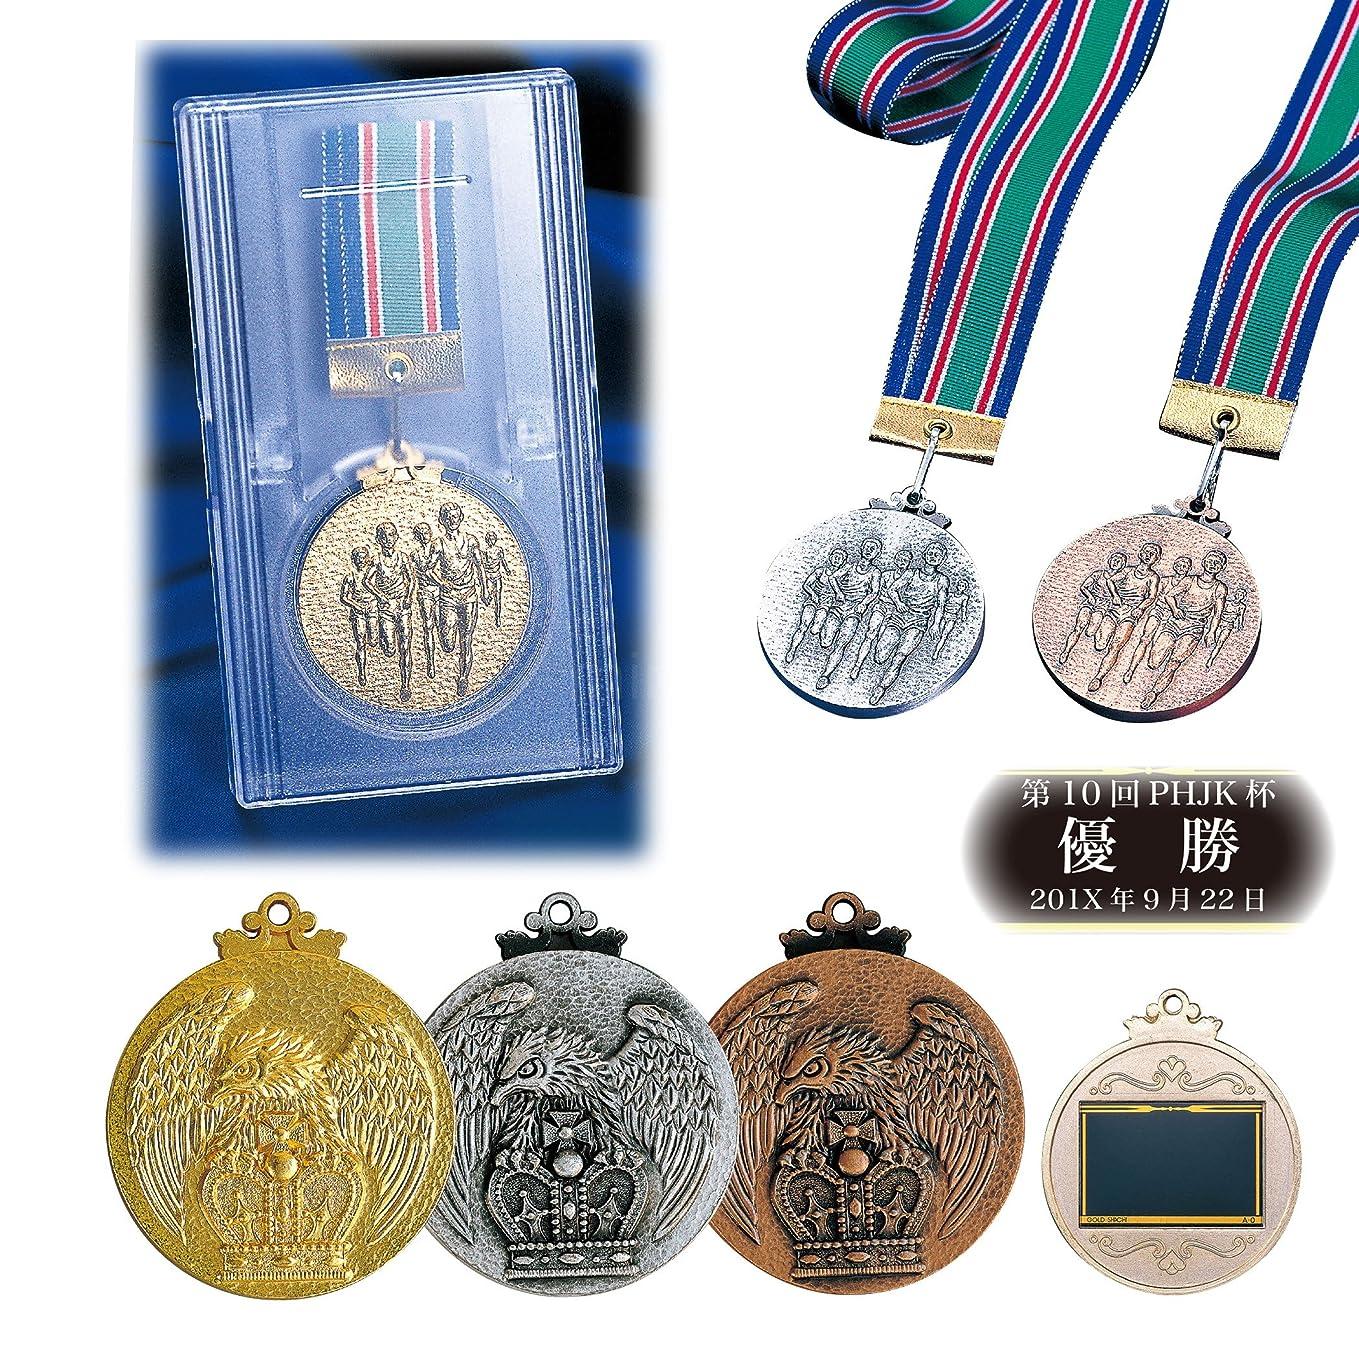 髄面倒散文[レーザー彫刻名入れ] GOLD SHACHI 優勝メダル MS(直径53mm)